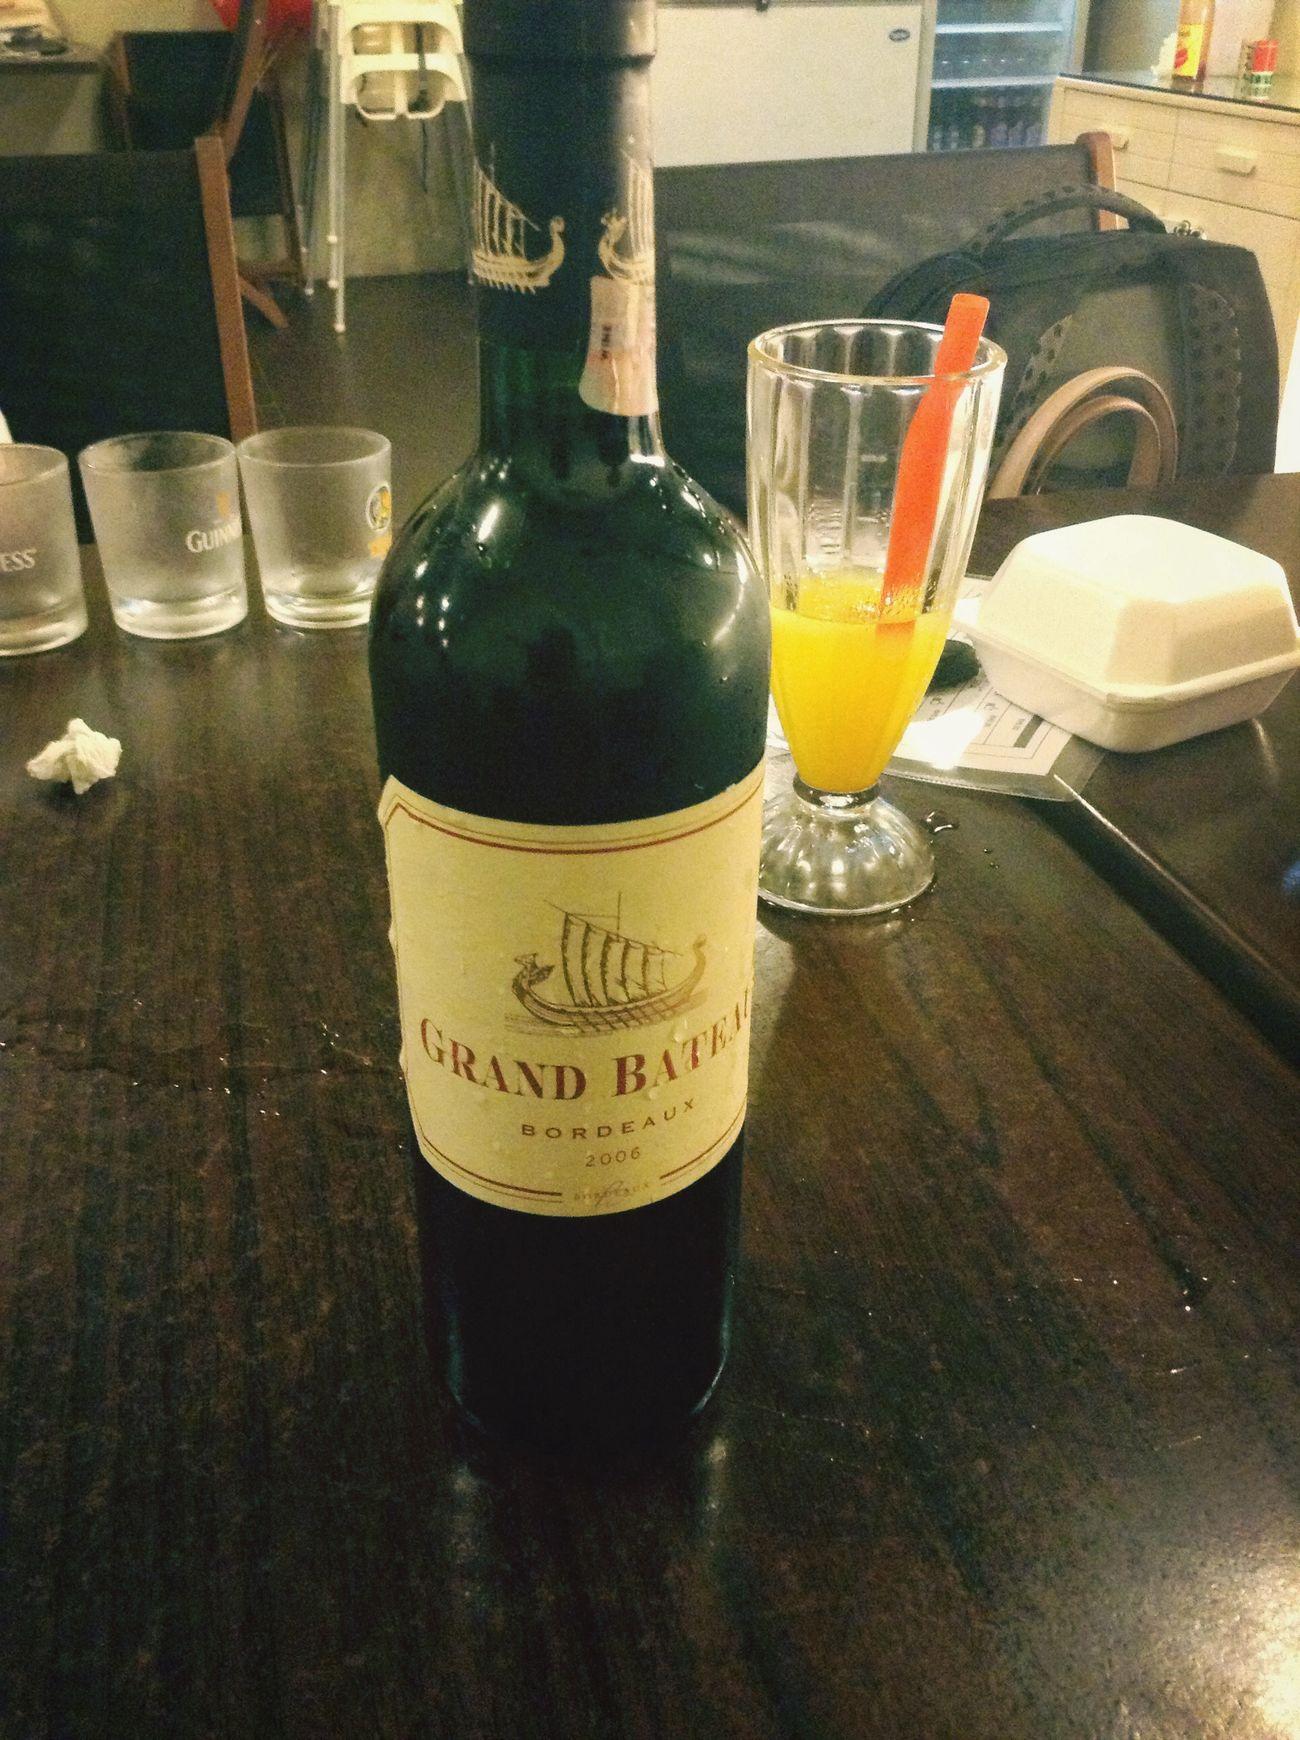 Wine Meeting Friends Relaxing Enjoying Life